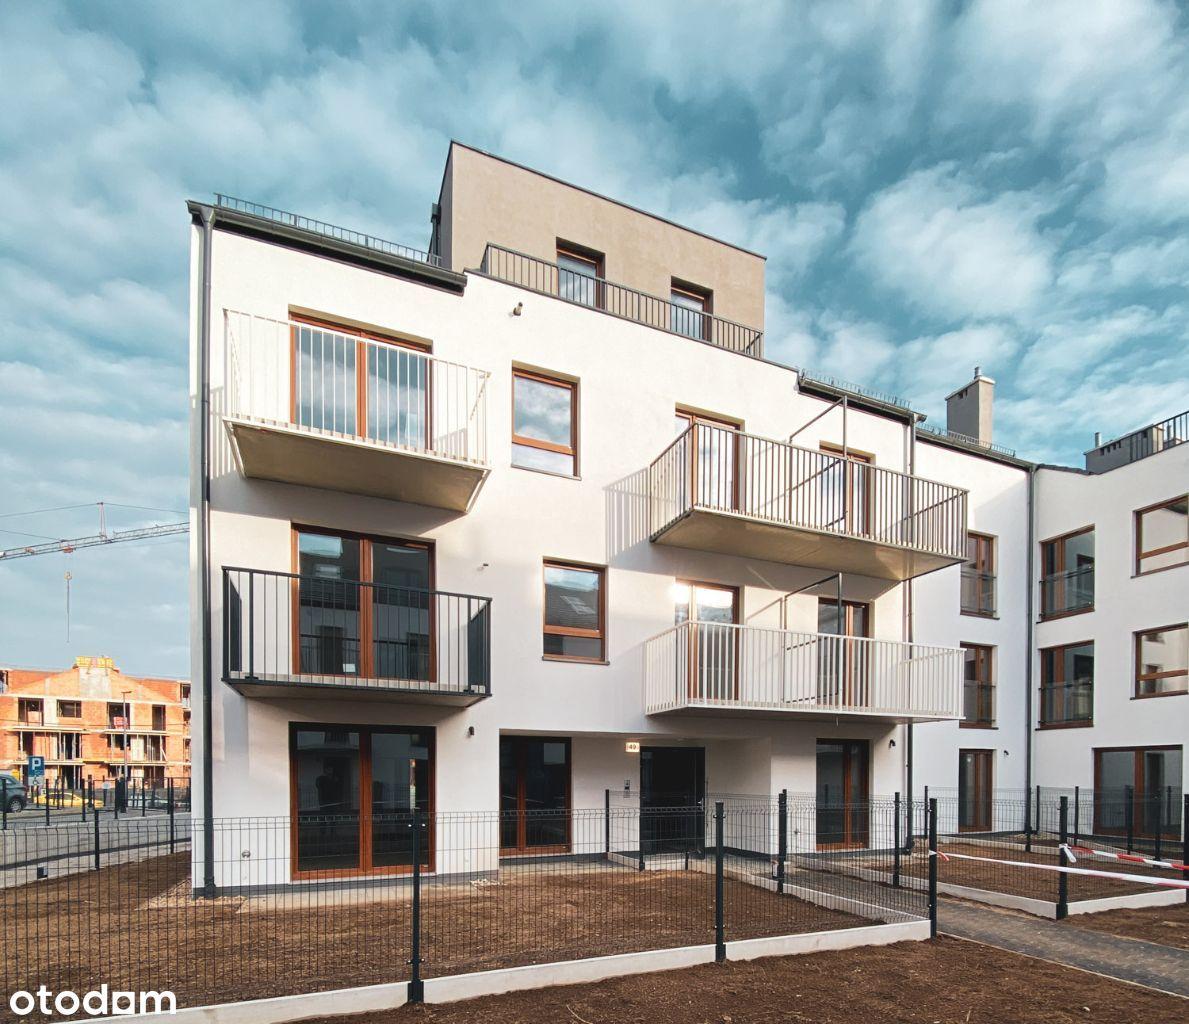 Gotowe do odbioru * Dwa poziomy * Trzy balkony